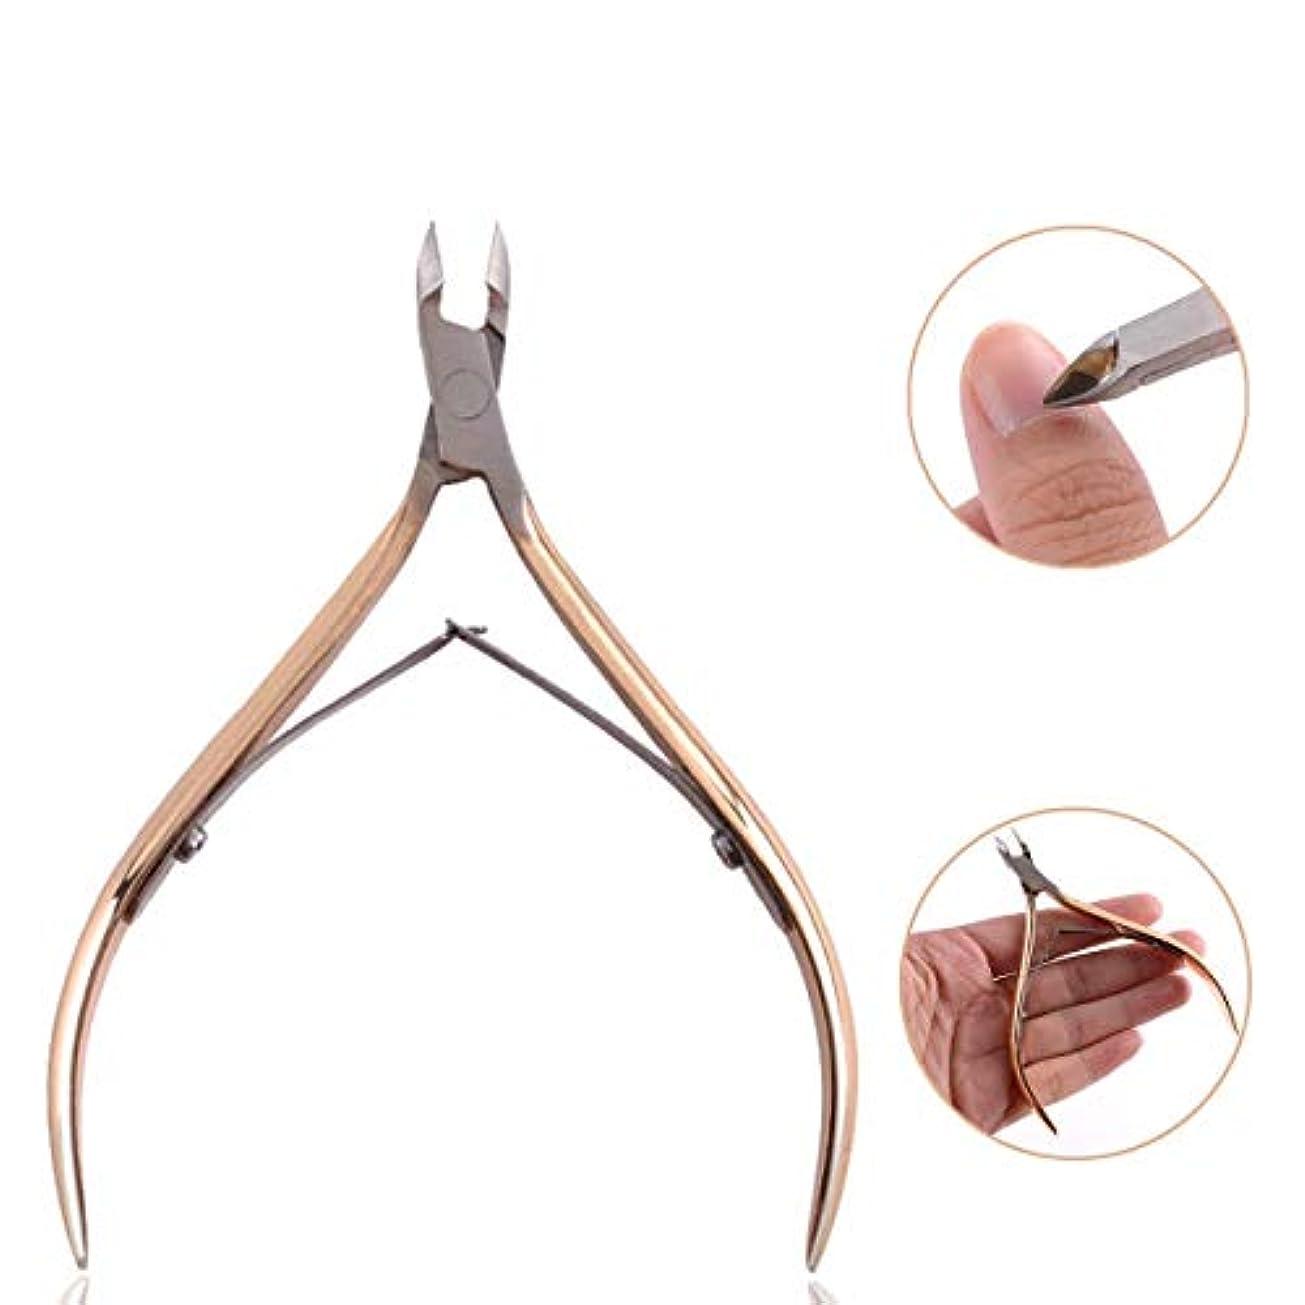 学部長教専門化するニッパー爪切り 爪切り 甘皮切り ステンレス製 切れ味抜群 厚い爪 変形爪 陥入爪 巻き爪に 水虫爪最適 高齢者 医療 介護 高品質 ギフト